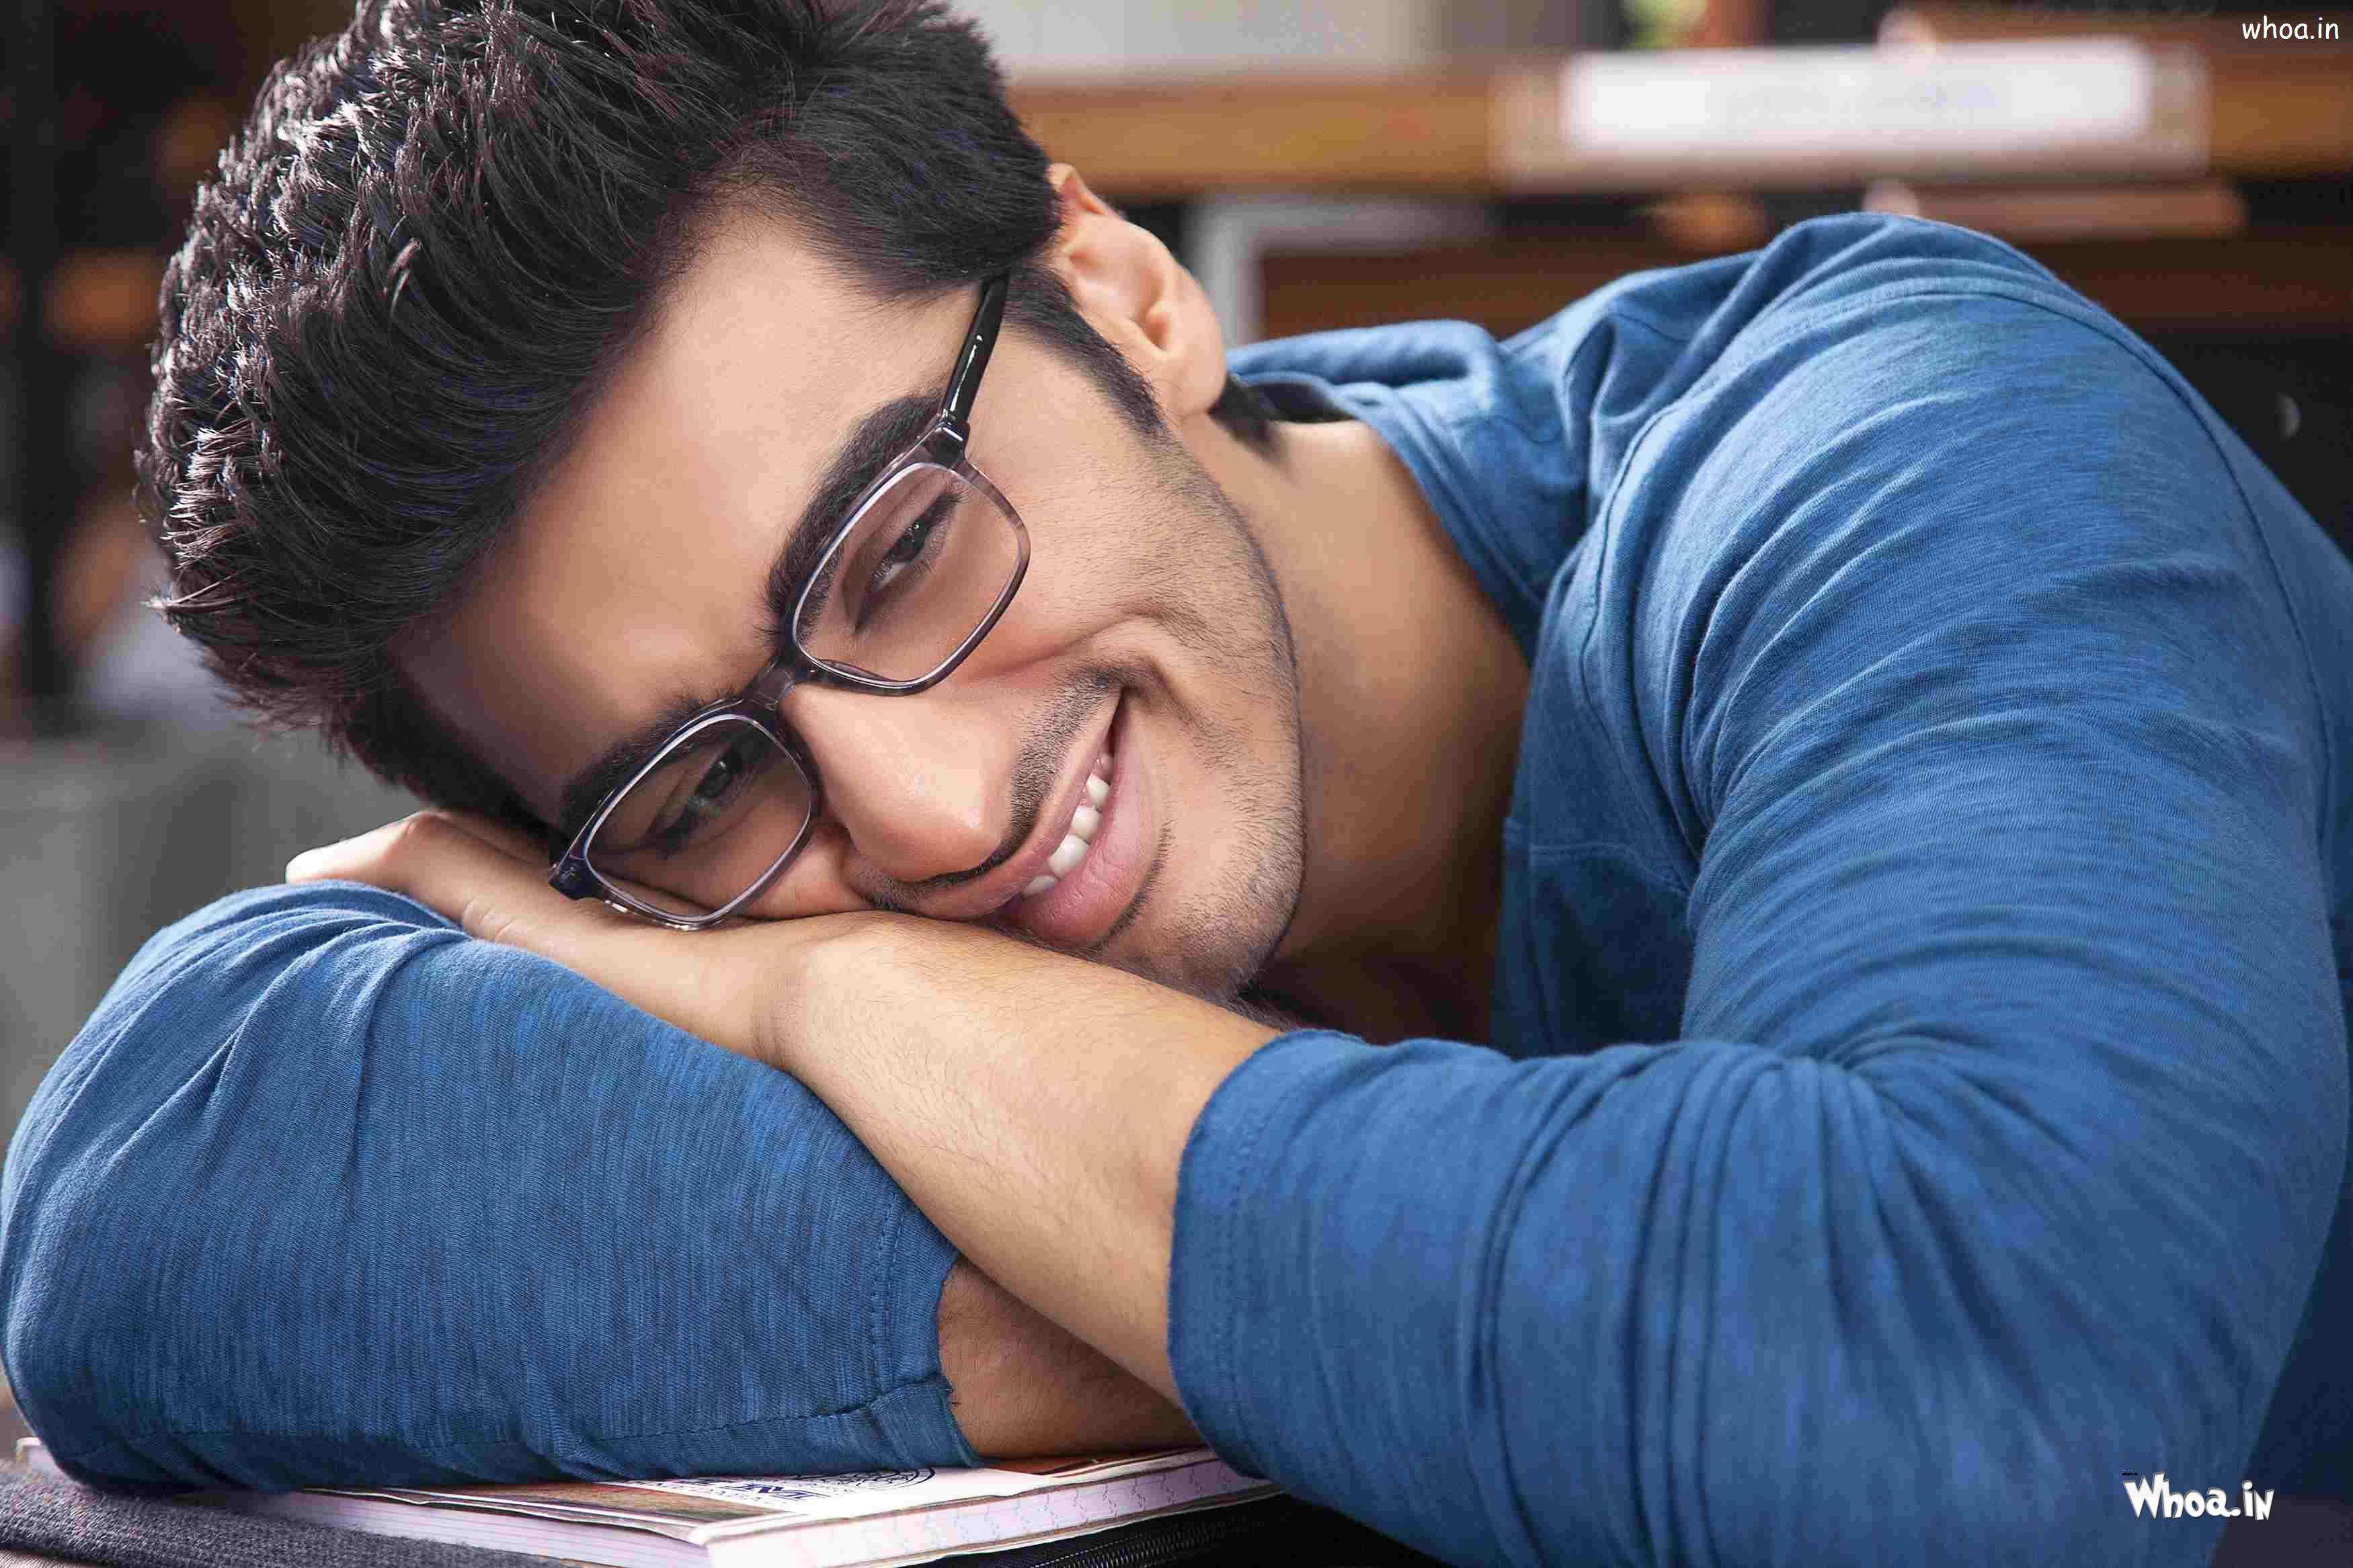 Download cute arjun kapoor smile hd wallpaper latest hd wallpaper - Arjun Kapoor In 2 States Hd Wallpaper